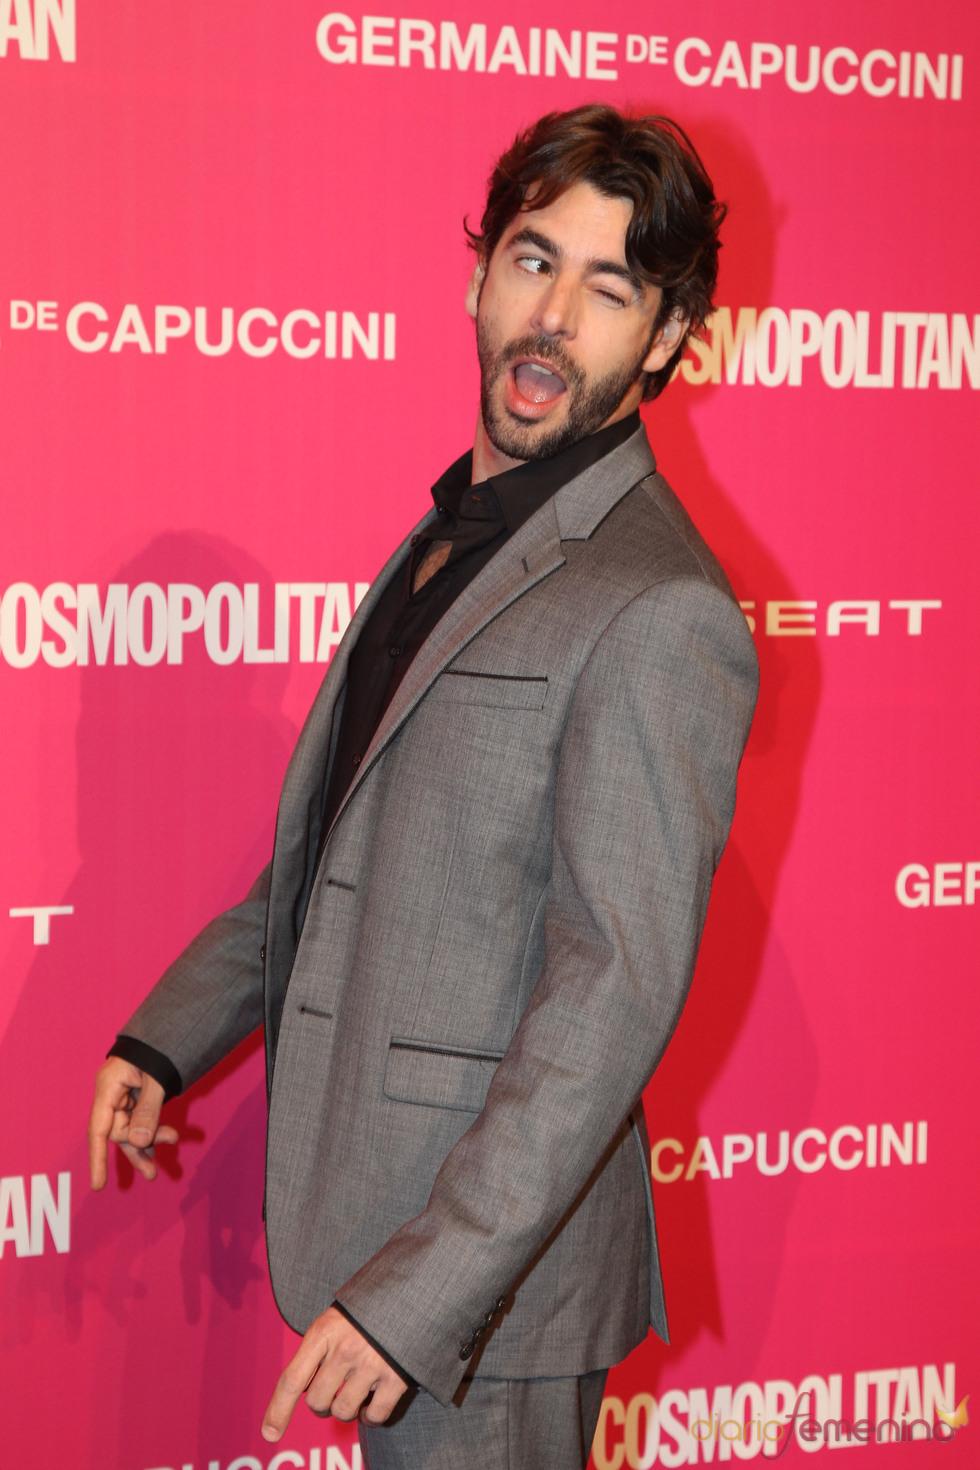 Premios Cosmopolitan 2010: Eduardo Noriega